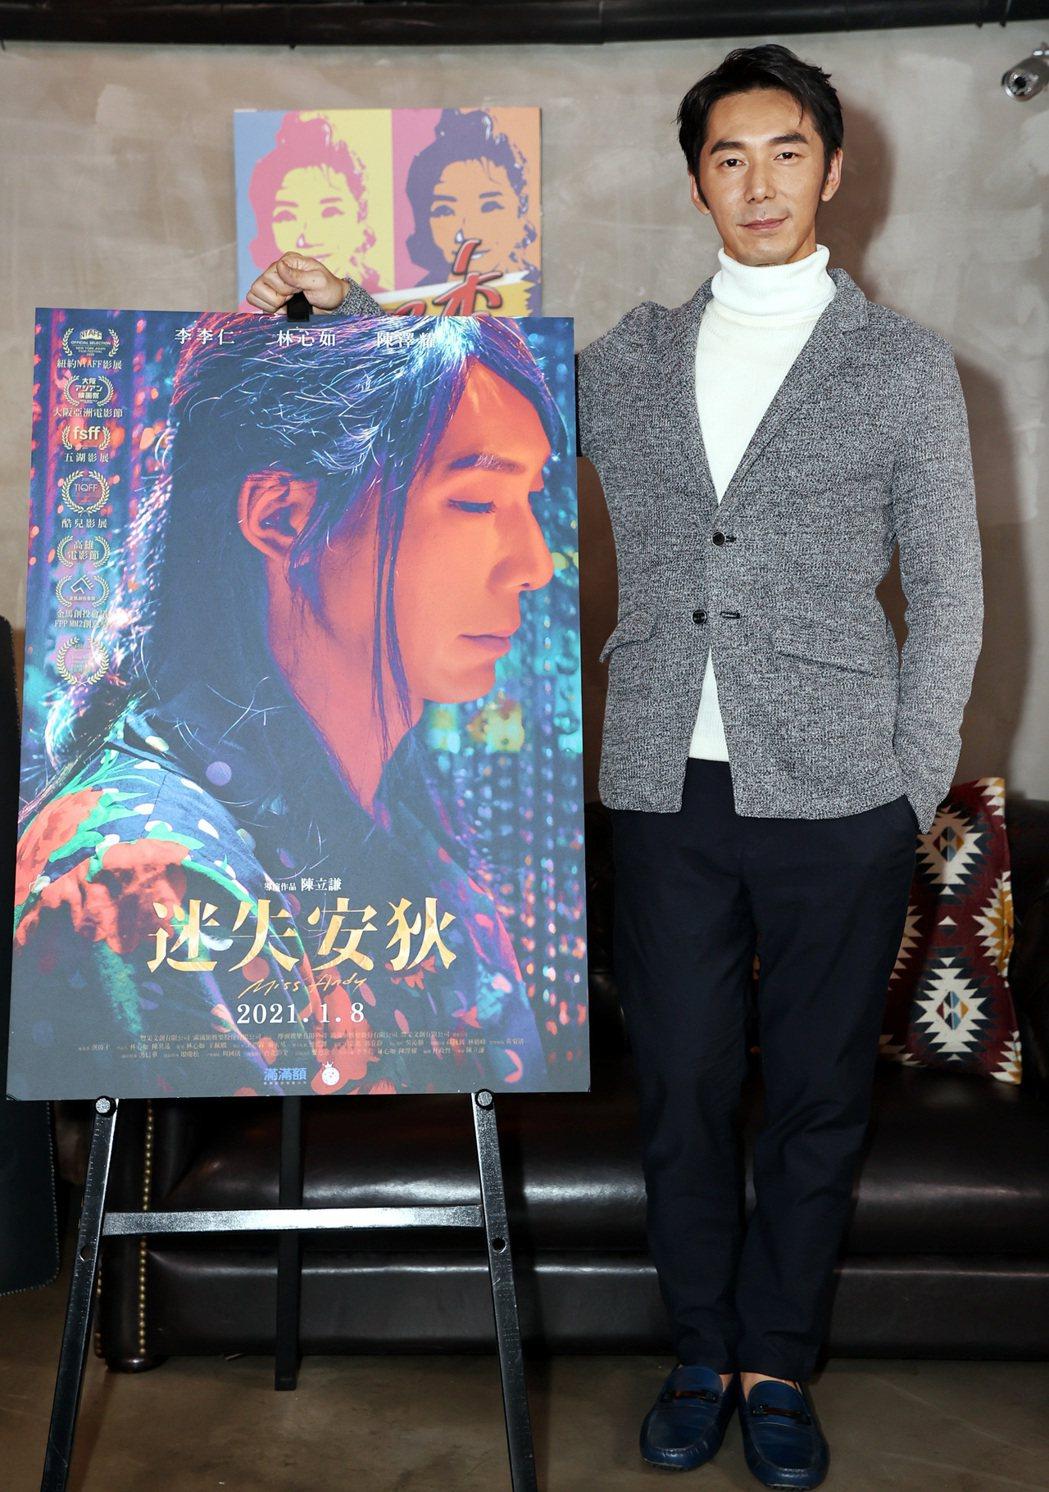 主演「迷失安狄」的李李仁參加陶晶瑩主持的「陶口秀」。記者侯永全/攝影